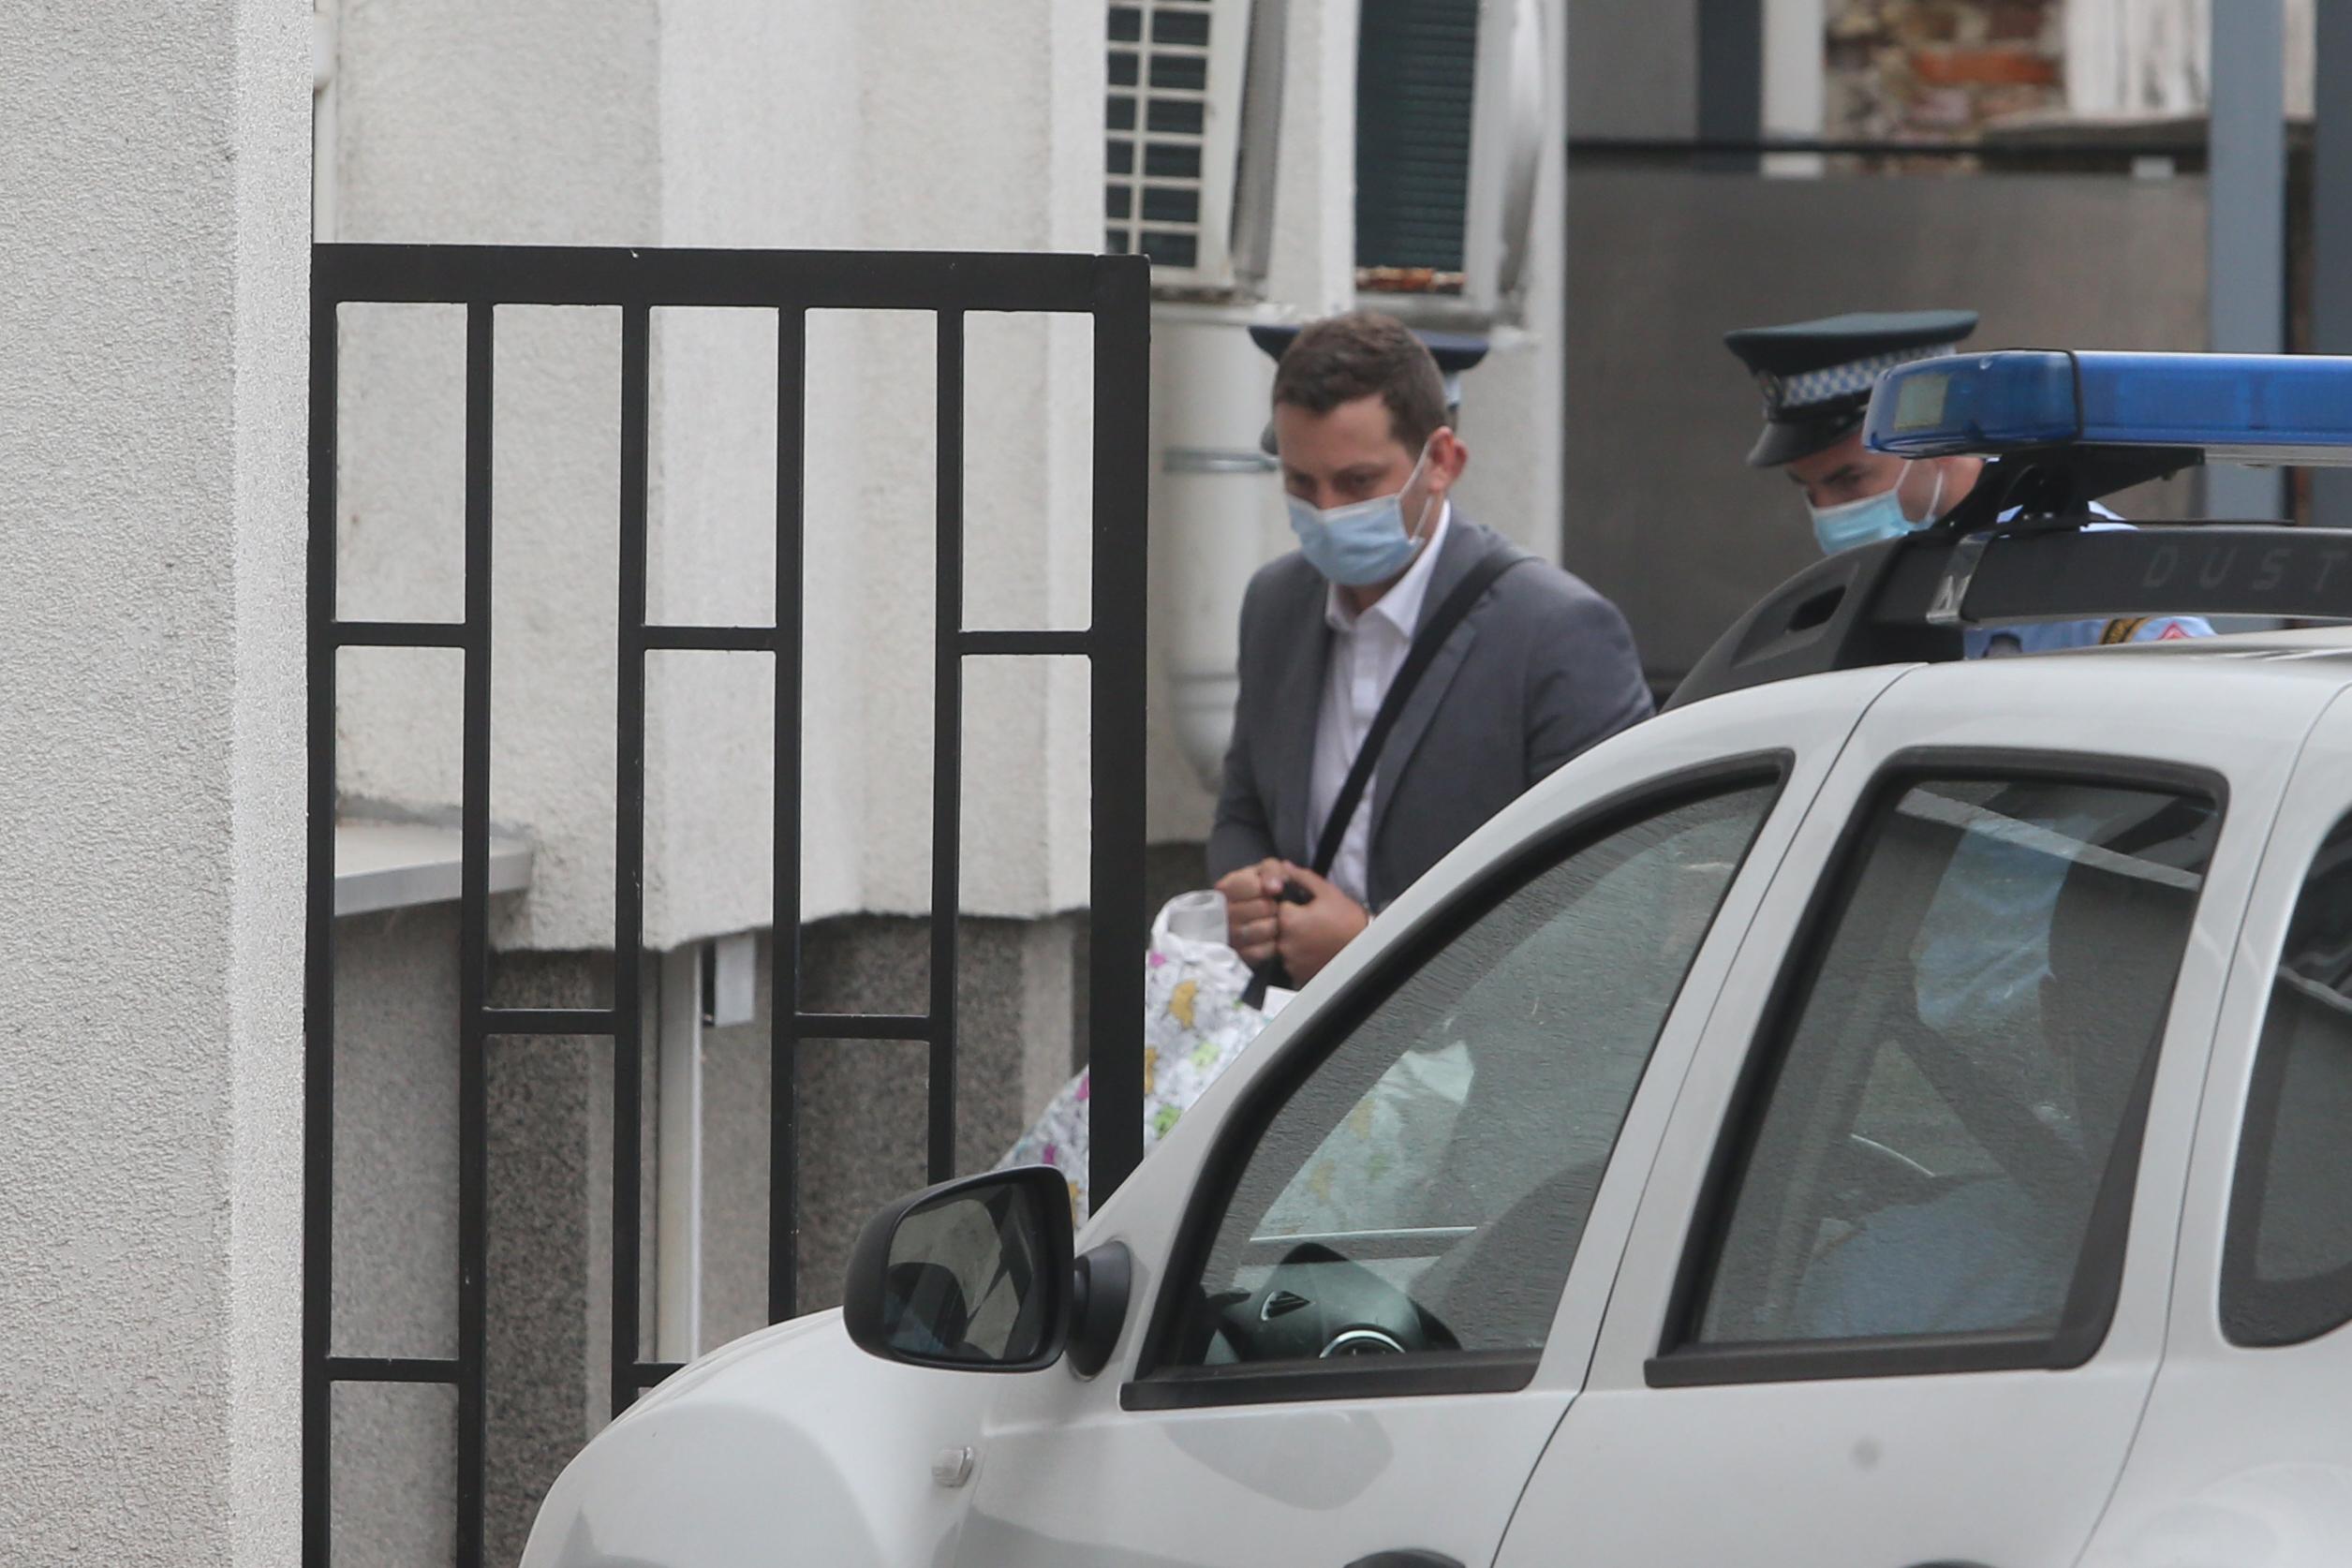 PREGLED TRAJAO 10 MINUTA Otkrivamo gdje se Zeljković liječio dok ga je policija tražila zbog malverzacija